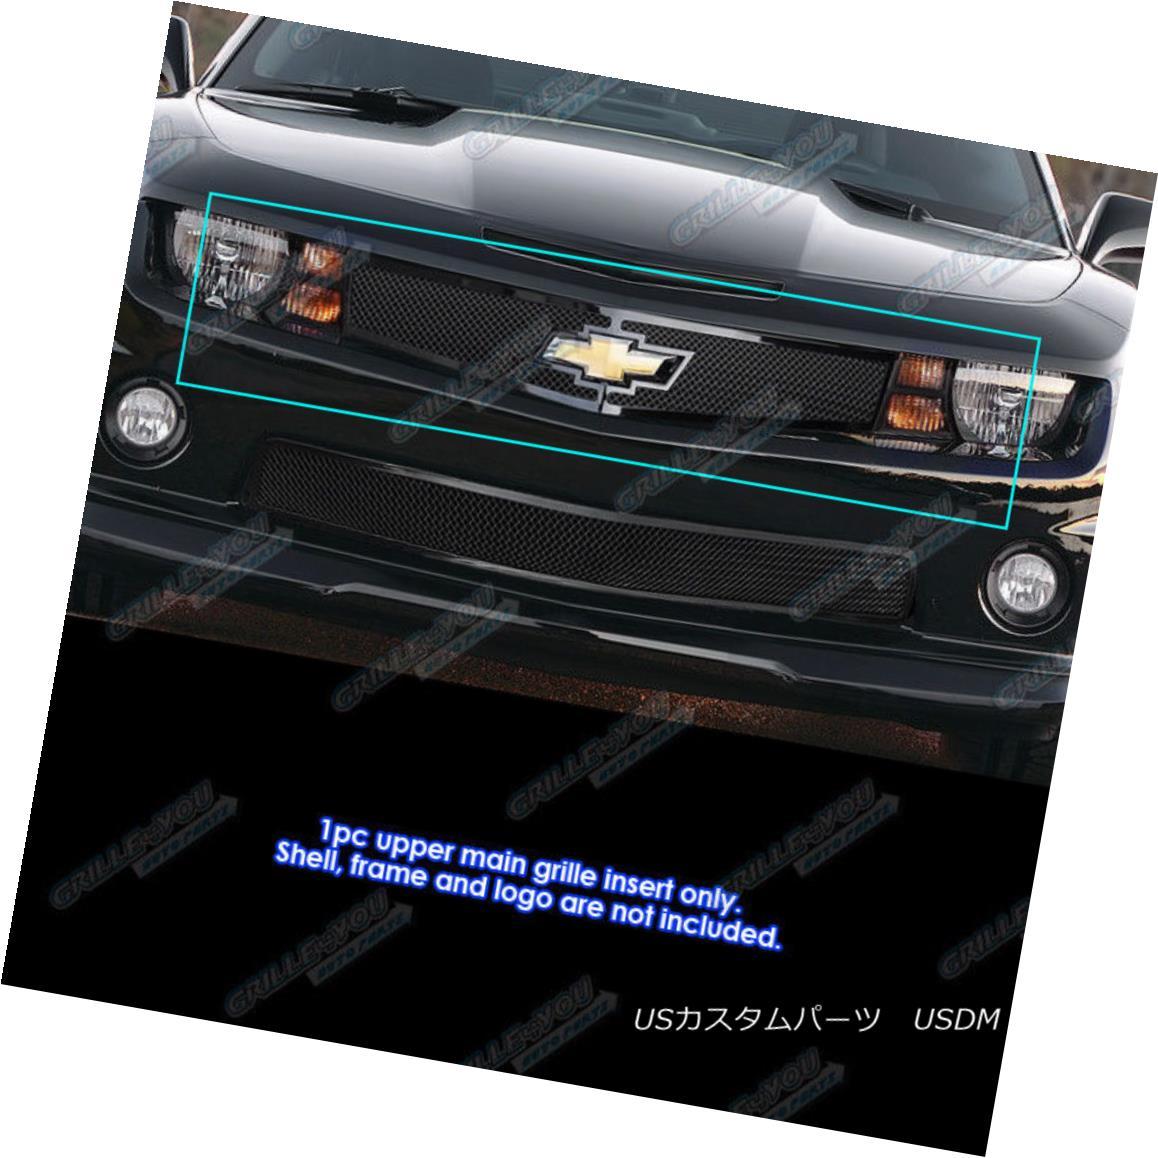 グリル Fits 2010-2013 Chevy Camaro Short W/Logo LT/LS/RS/SS Black Mesh Grille フィット2010-2013シボレーカマロショートW /ロゴLT / LS / RS / SSブラックメッシュグリル